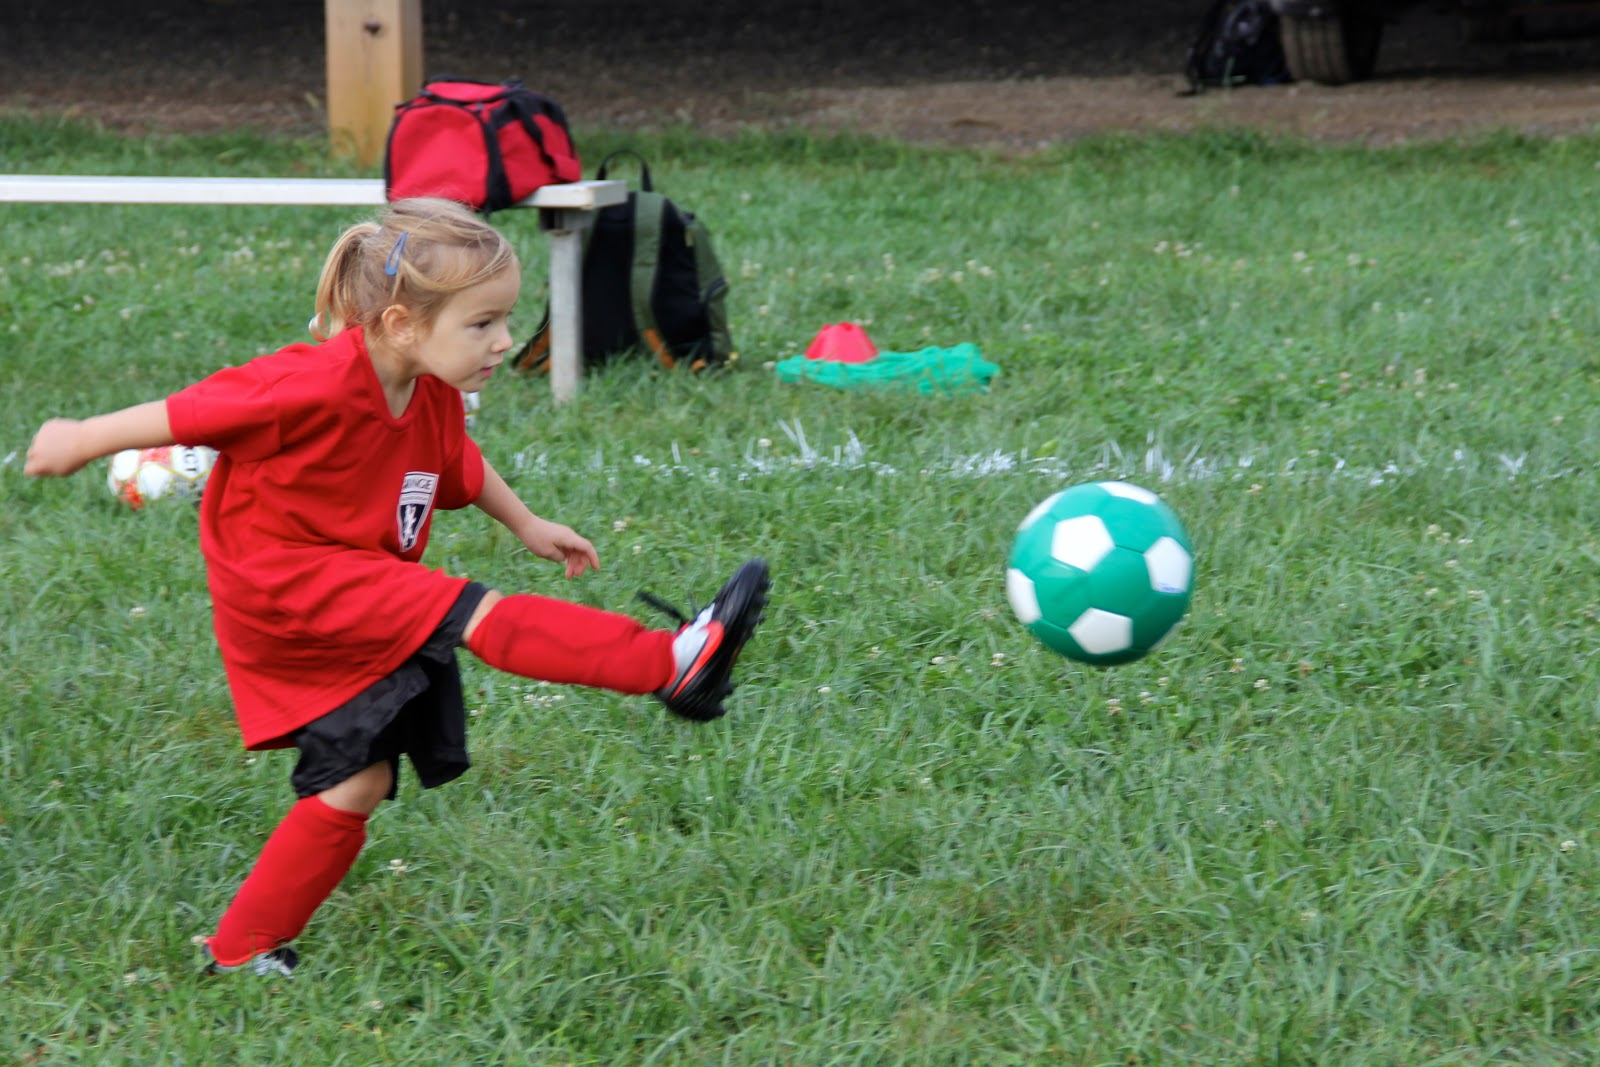 Girl kicking soccer ball